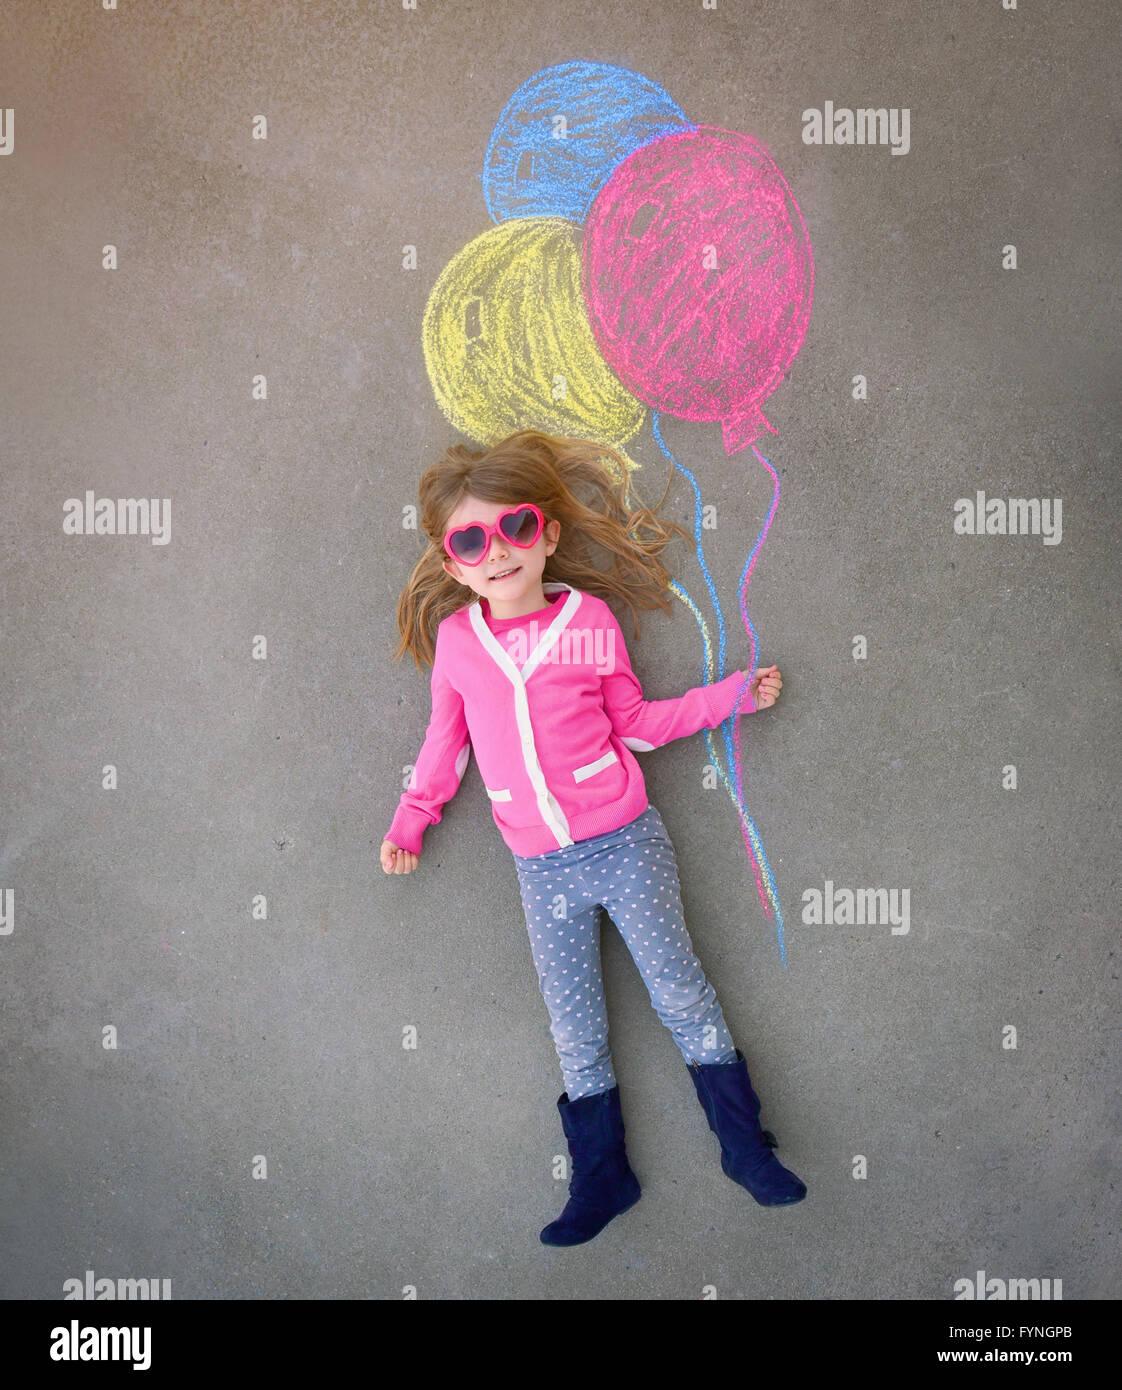 Une jolie petite fille avec des lunettes est maintenant appelée ballons craie créative sur le trottoir Photo Stock